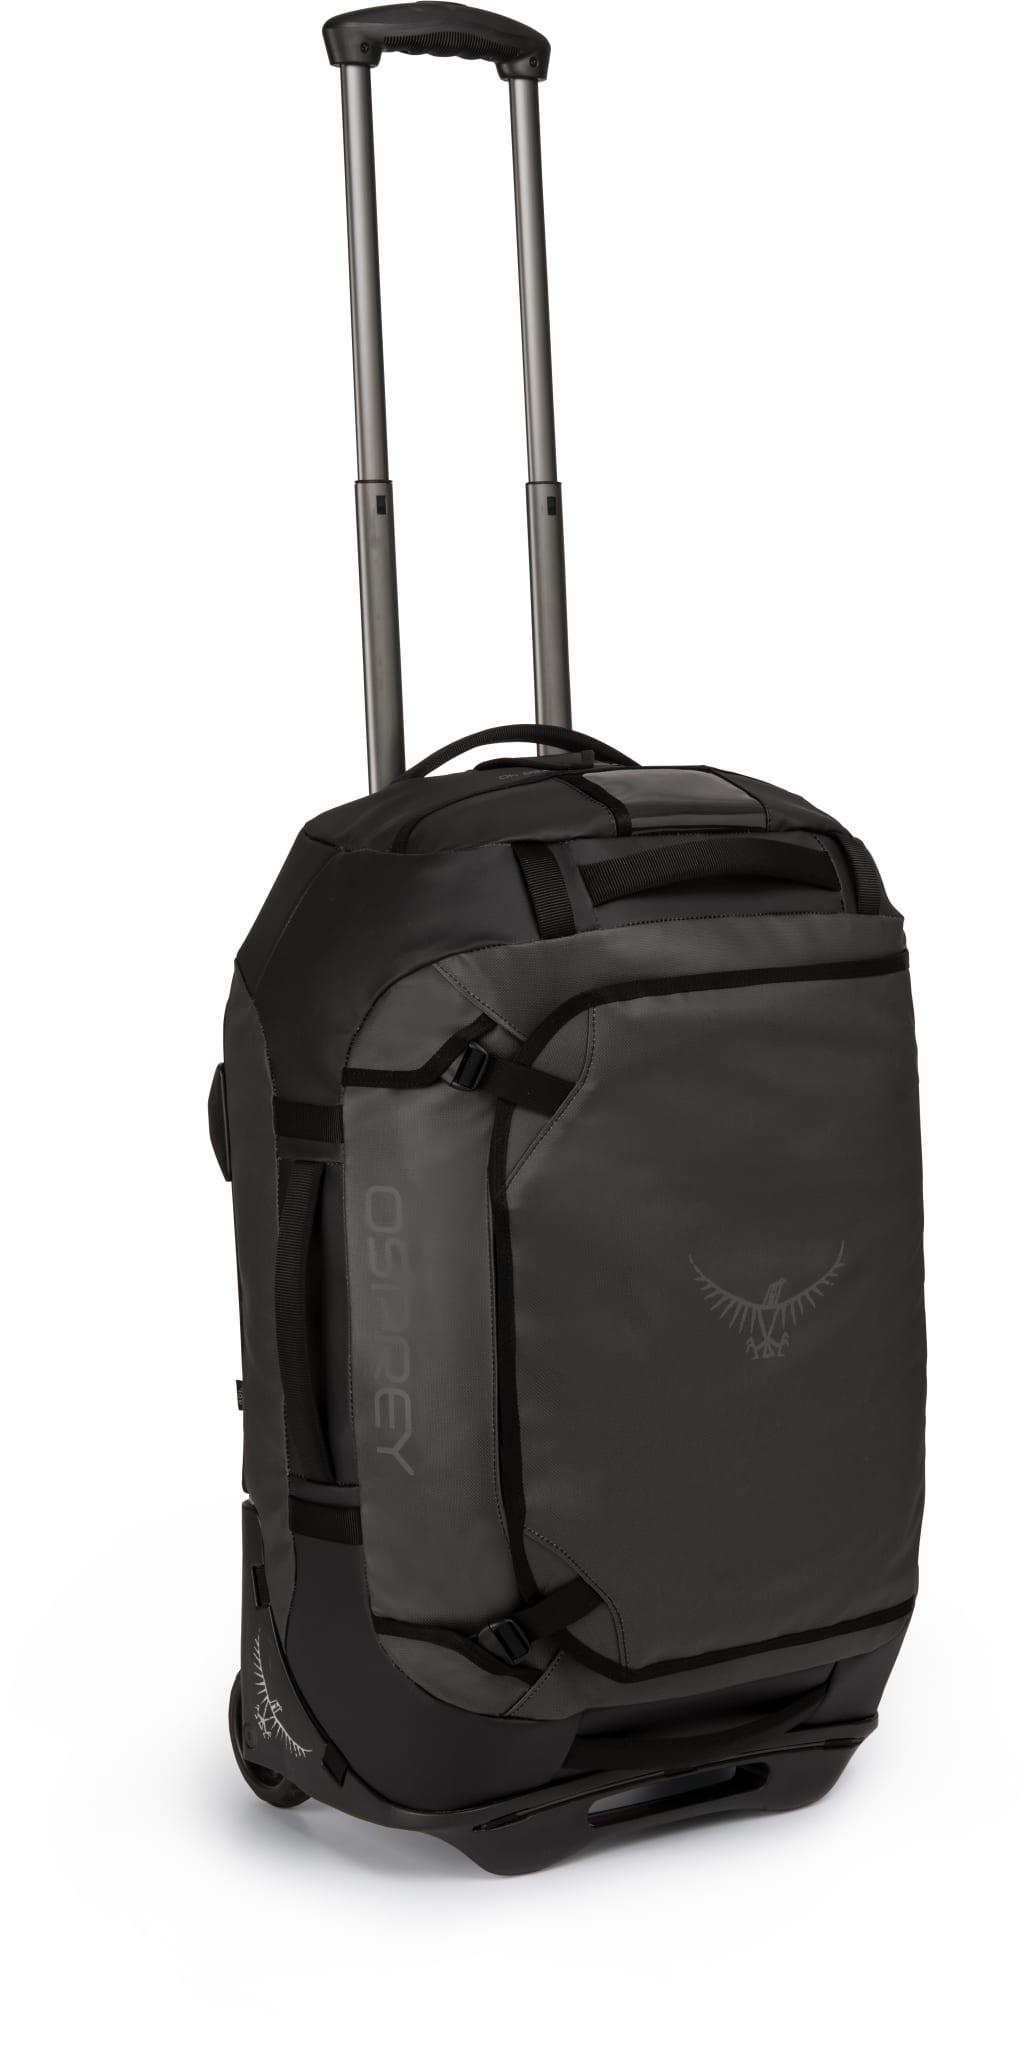 40 liter rullende reisebag, klar for eventyr!